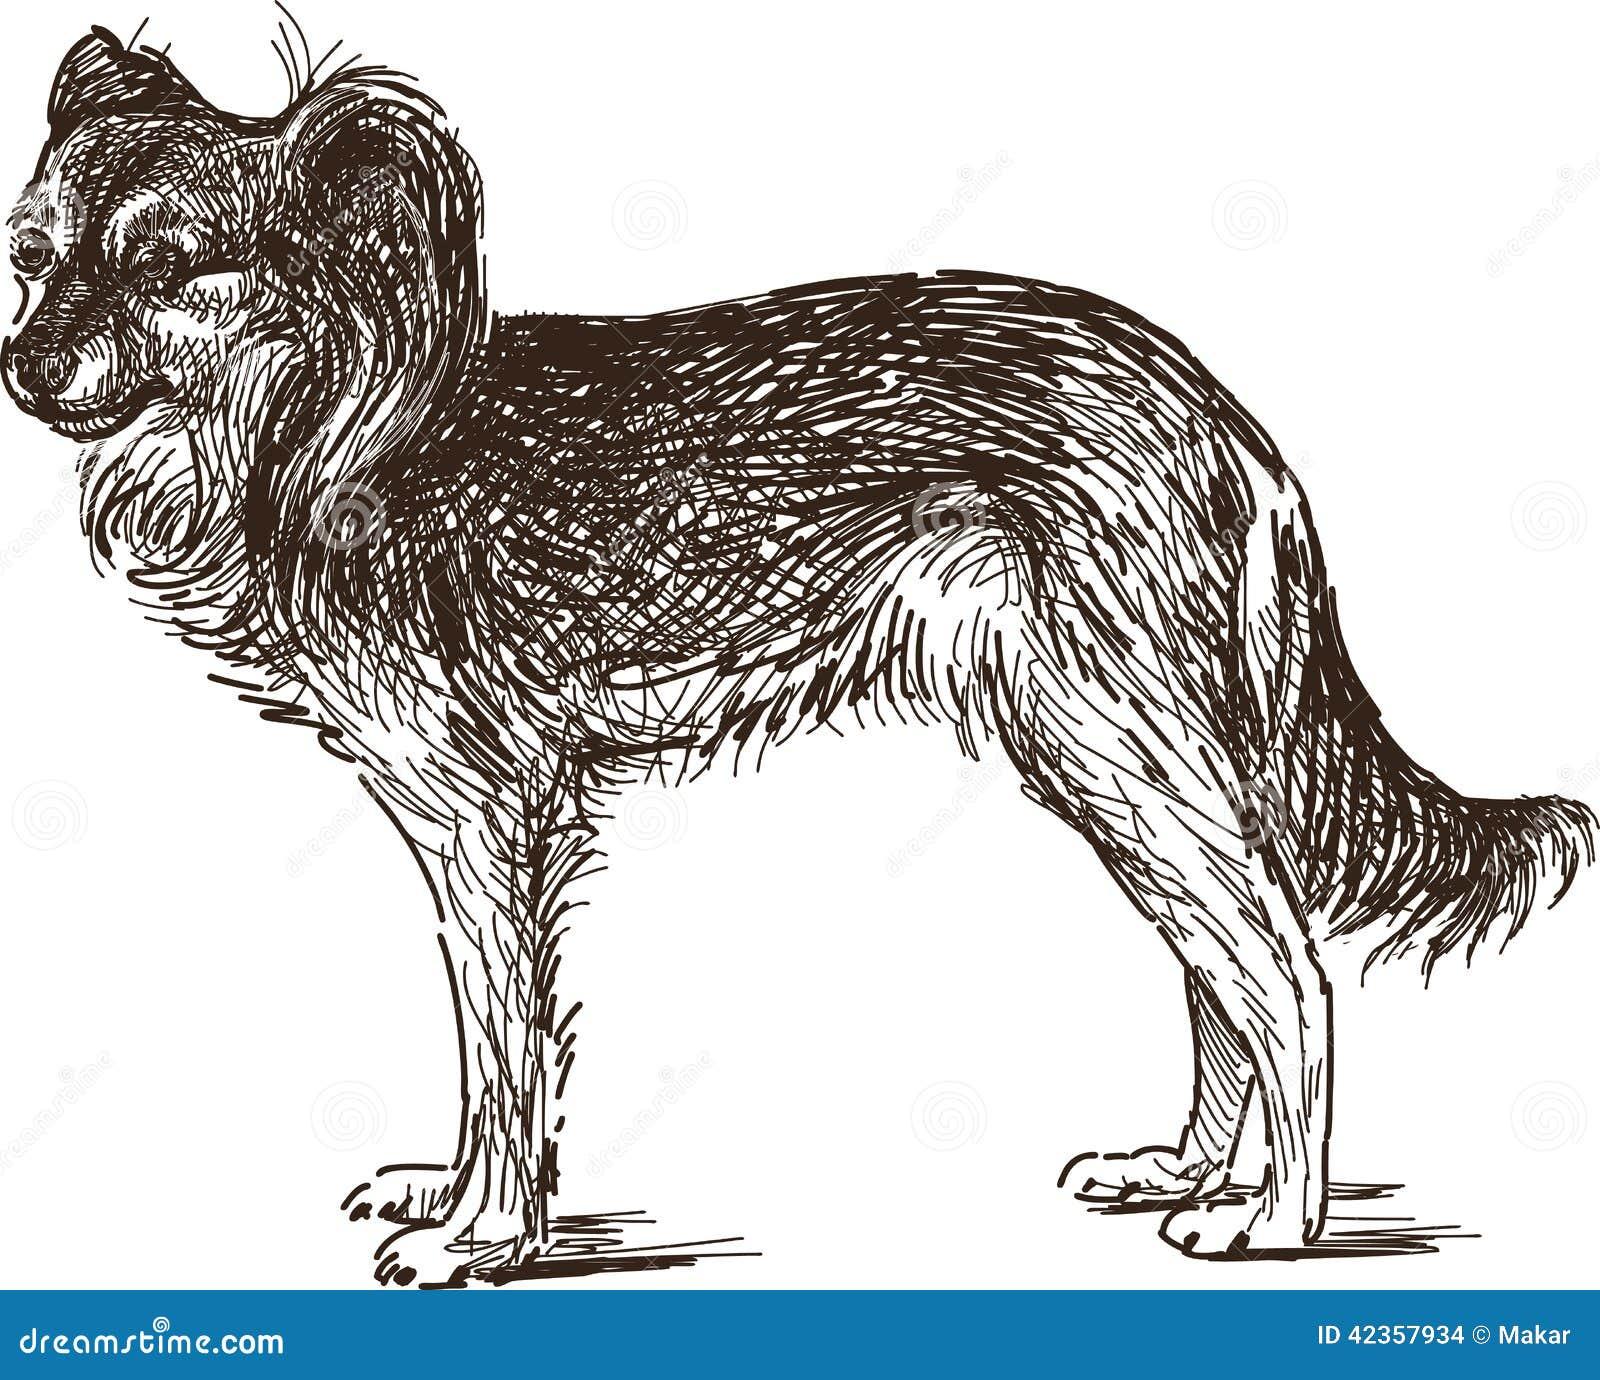 Sketch of lap dog